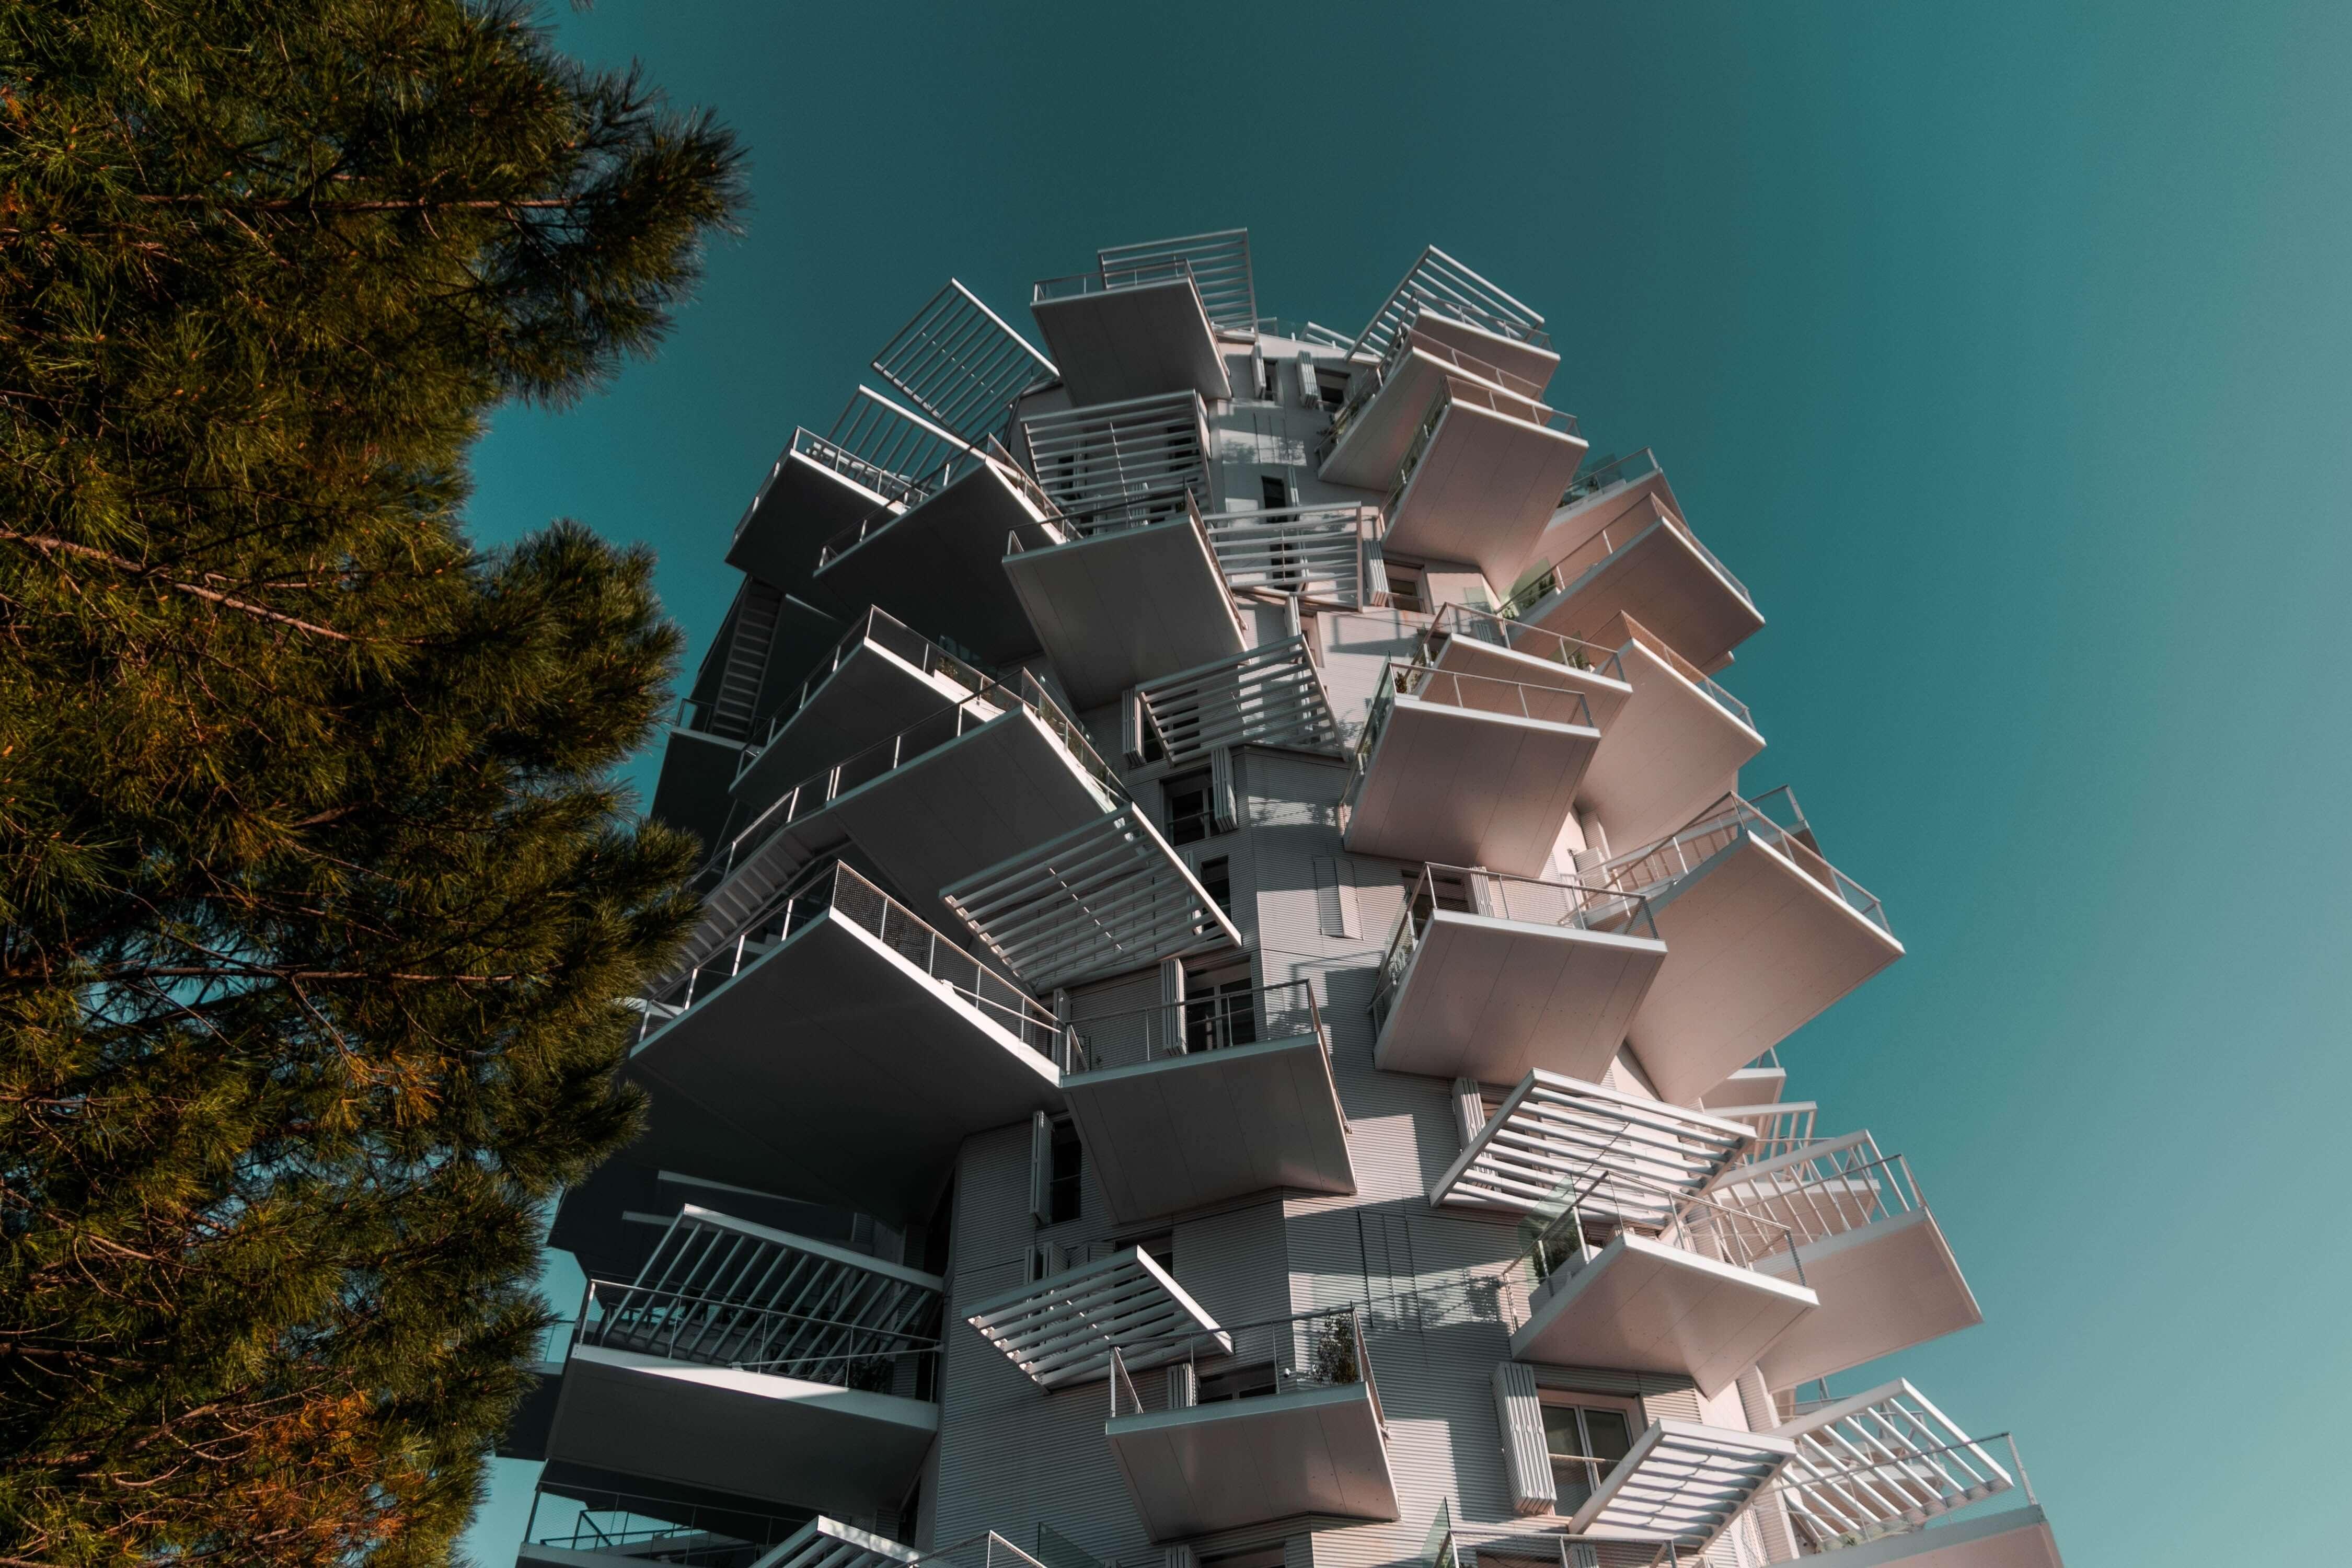 Une dynamique incomparable règne dans la ville de Montpellier pour créer son entreprise